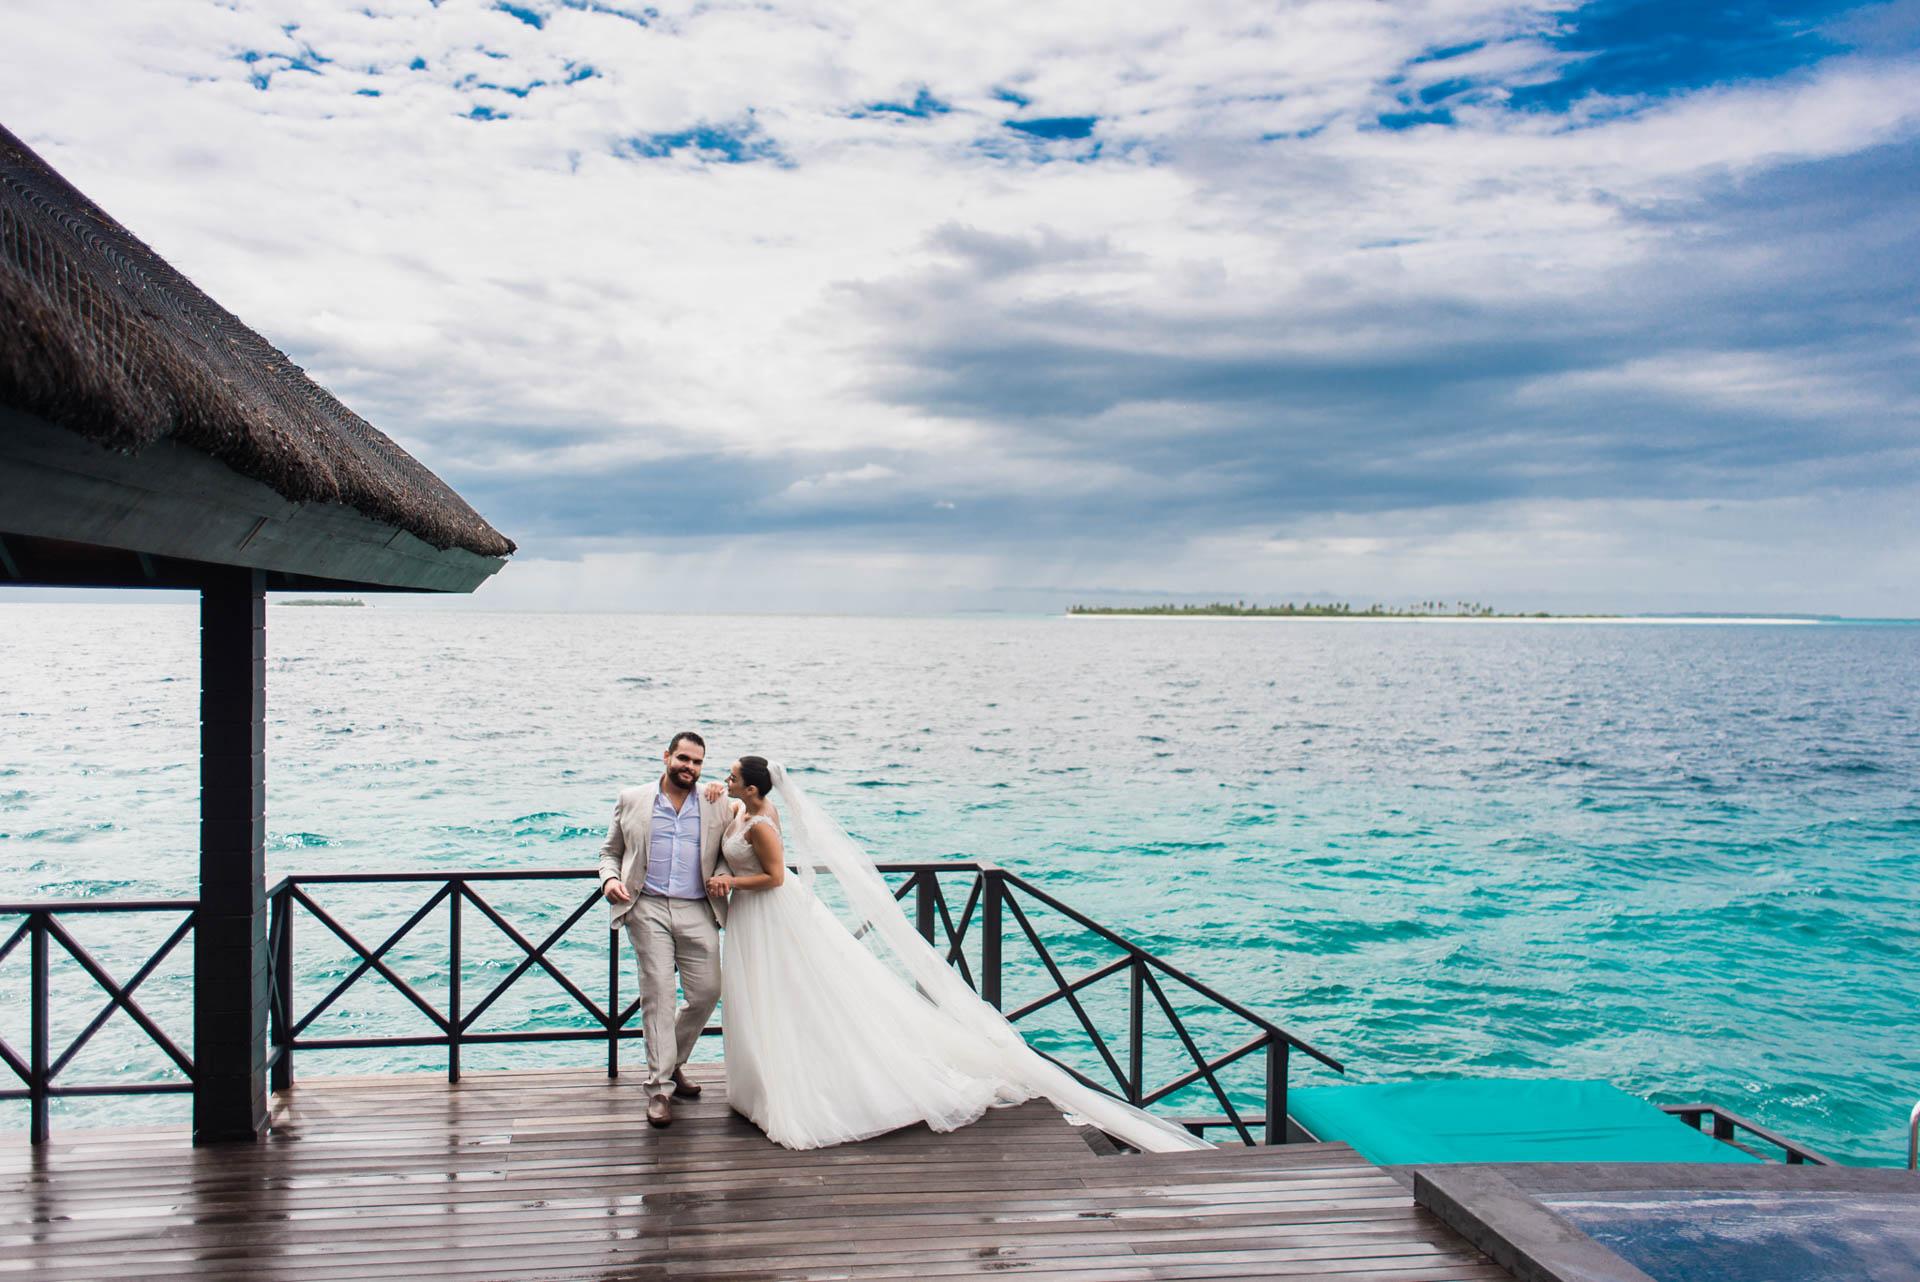 Ibrahim and Tamara at Ja Manafaru The north Most Resort of Maldives 10